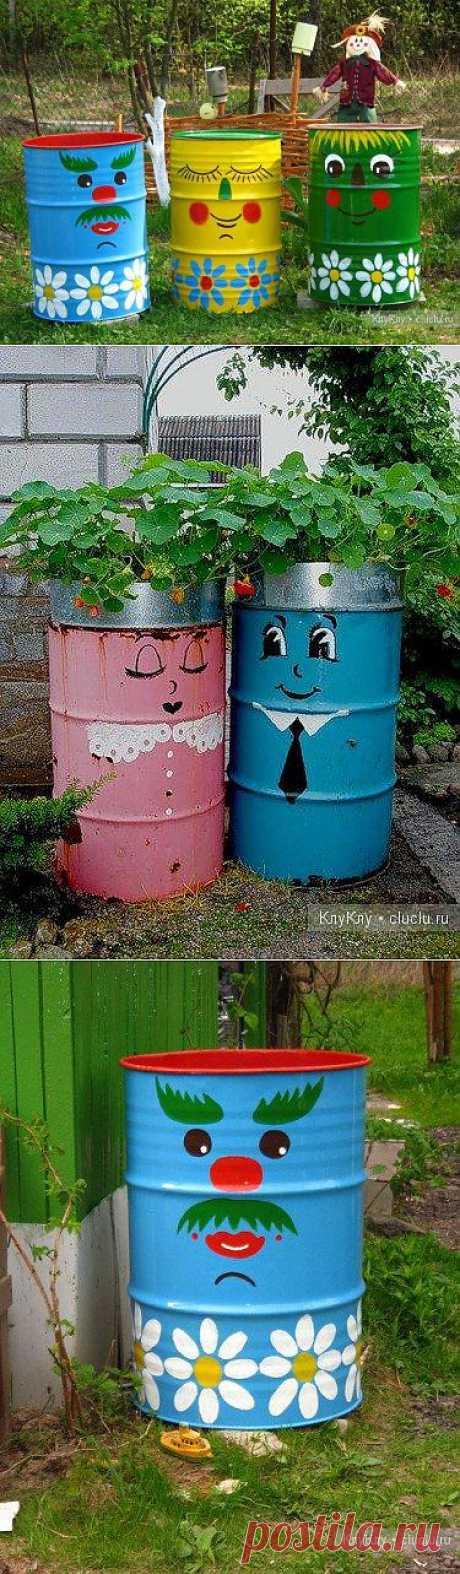 Бочки для дачи. Садовый дизайн.Очень красиво и смогут сделать все. .